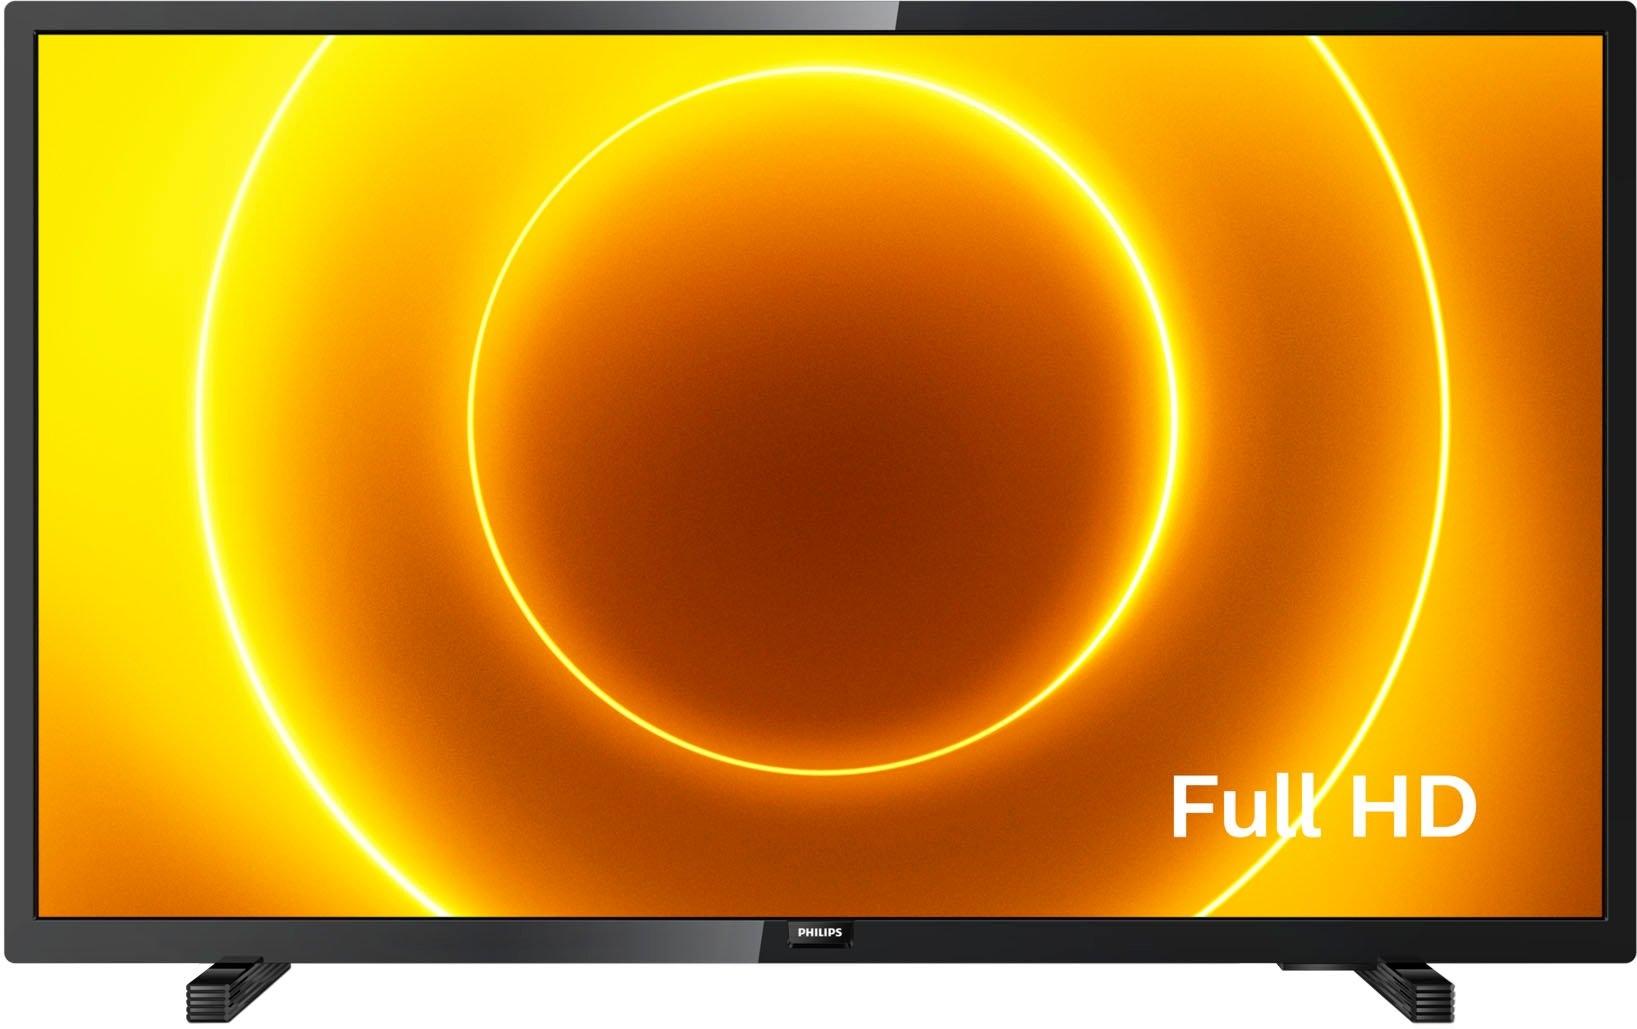 Philips »43PFS5505« LED-TV goedkoop op otto.nl kopen